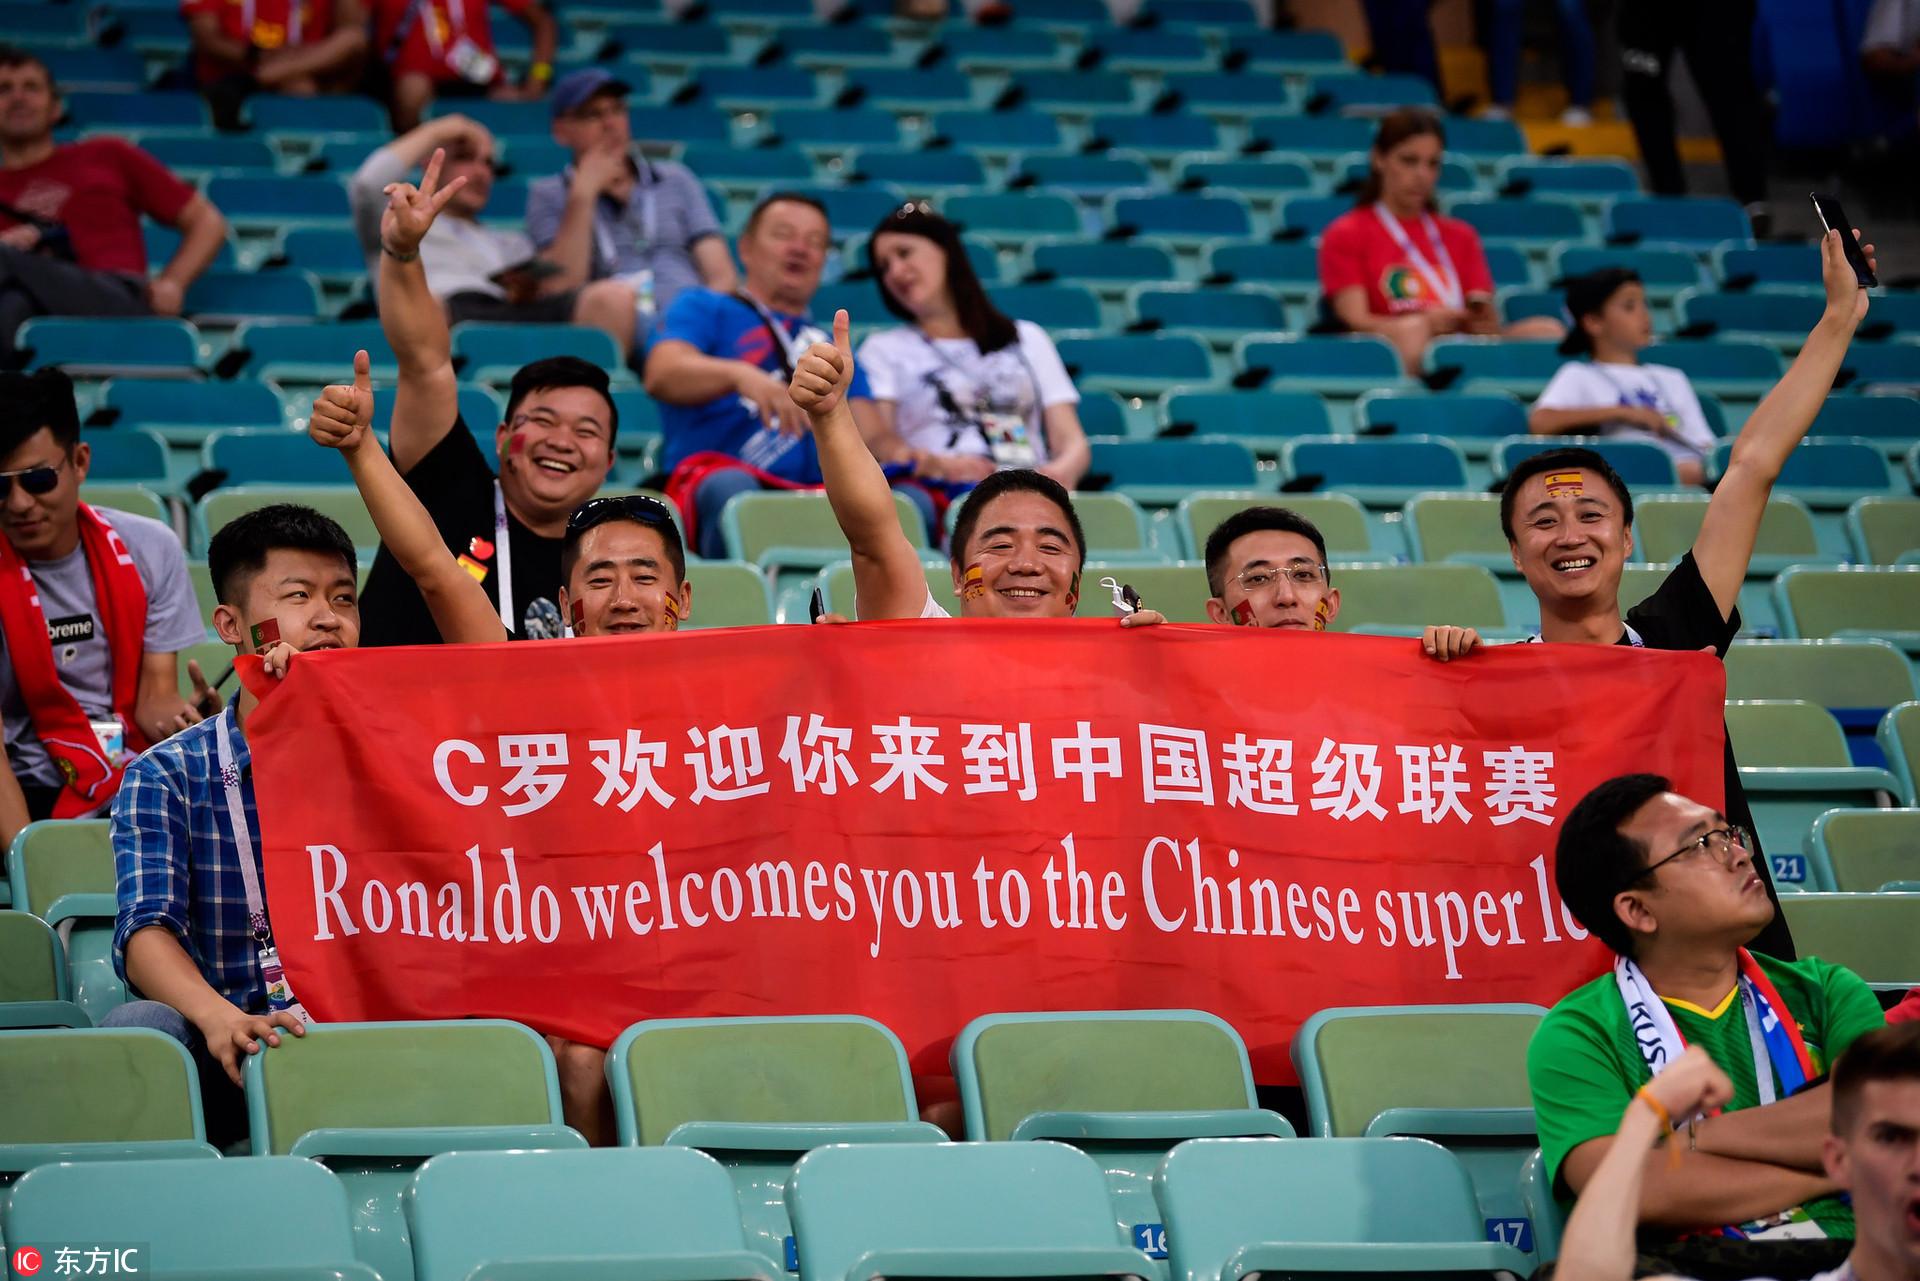 高清:中国球迷观战西葡 拉横幅呼吁C罗来中超